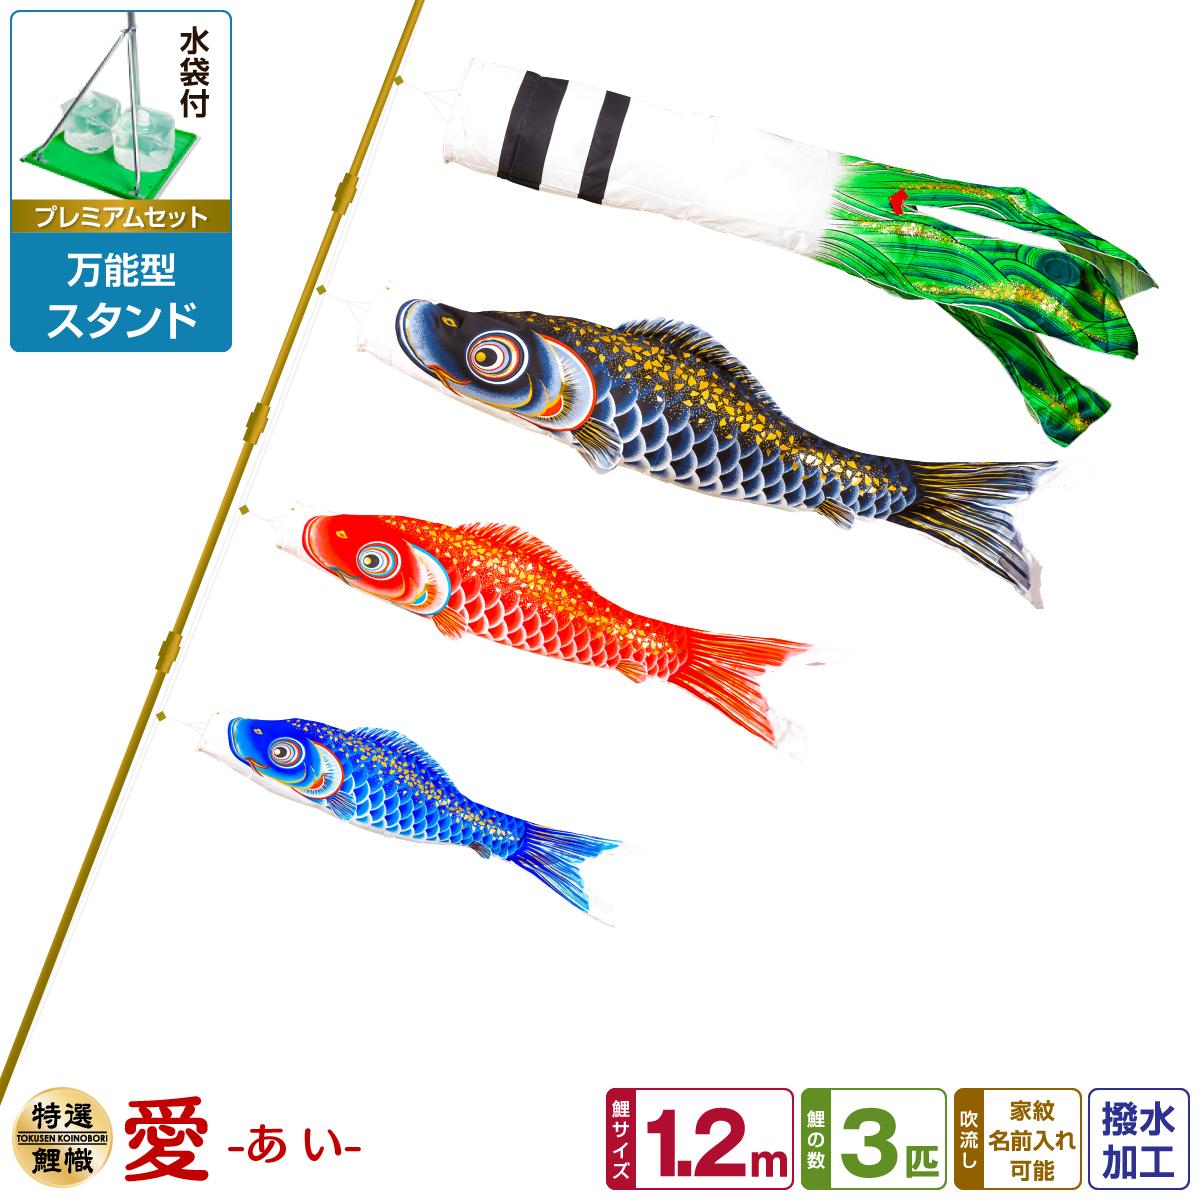 ベランダ用 こいのぼり 鯉のぼり 愛 1.2m 6点(吹流し+鯉3匹+矢車+ロープ)/プレミアムセット(万能スタンド)